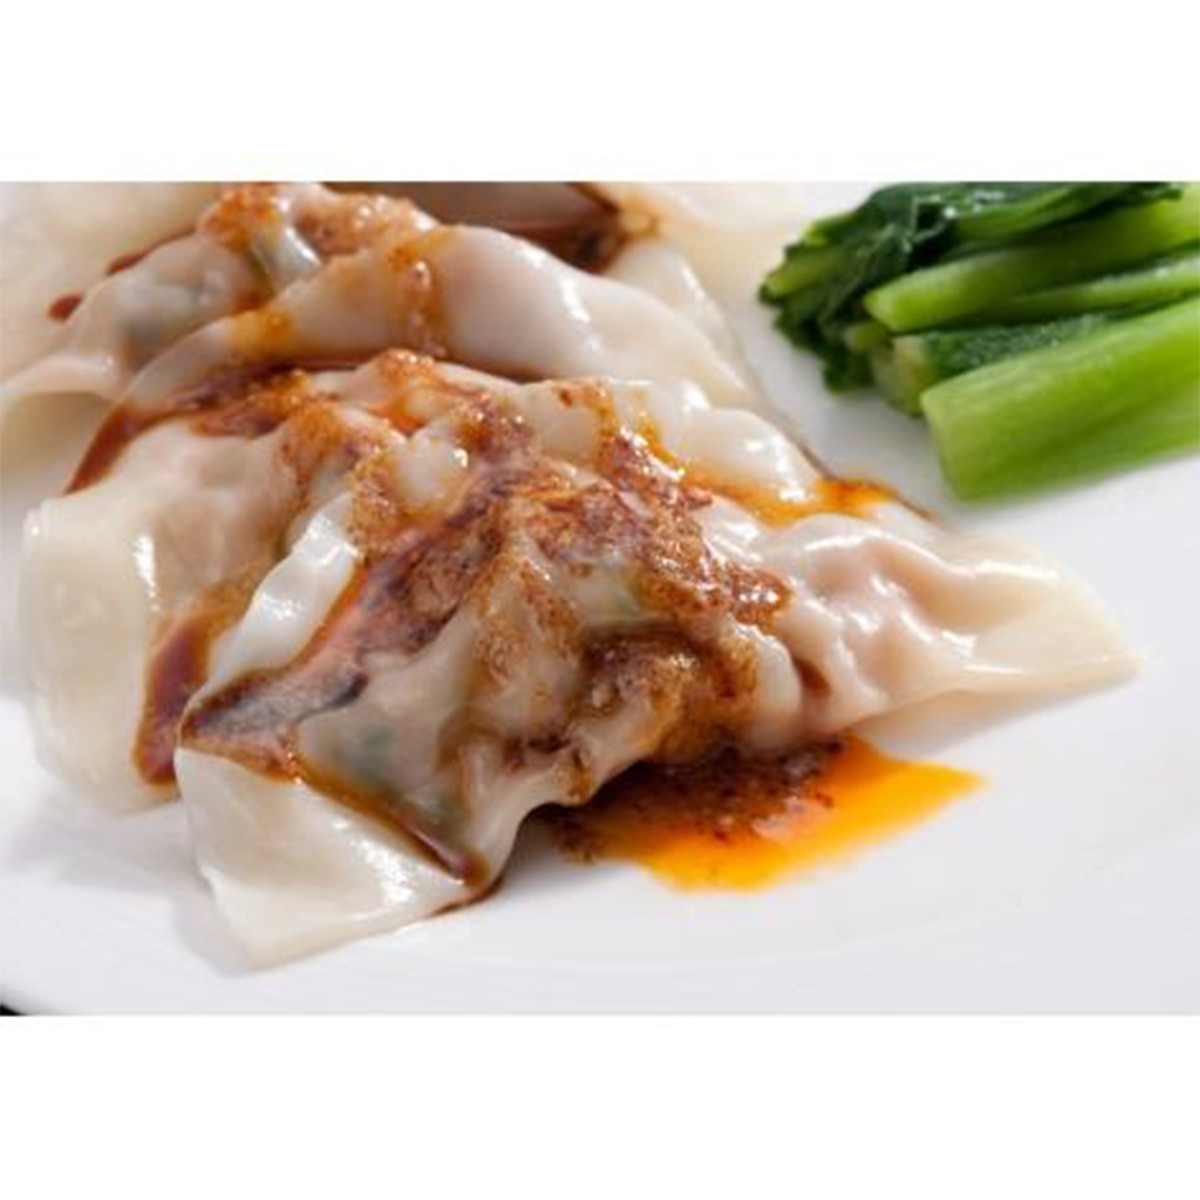 ローラン (遠州浜松 中国料理樓蘭)四川水餃子 24個(12個×2パック)(特製胡麻甘醤油ダレ付き)